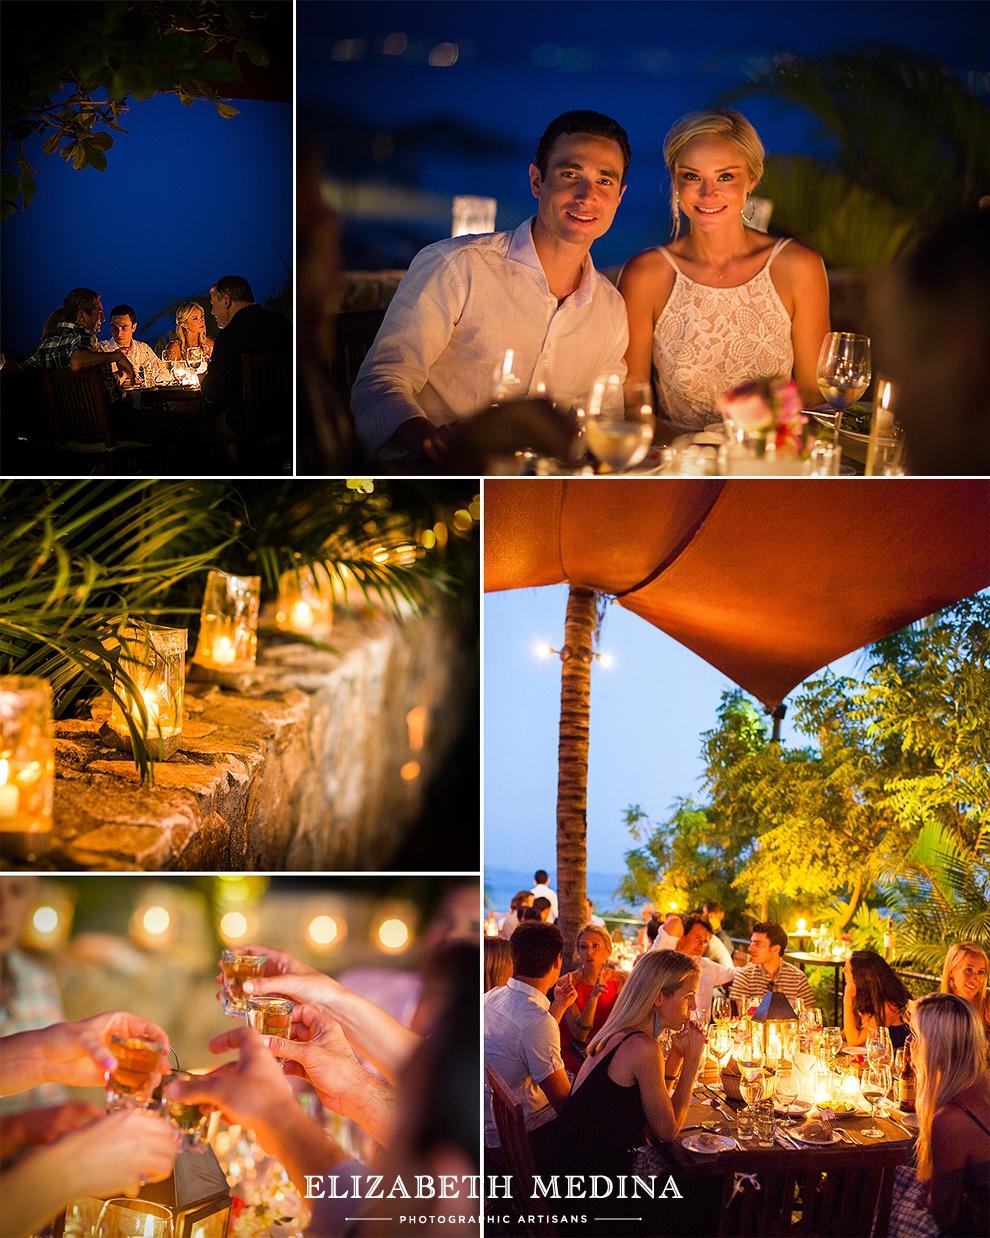 elizabeth medina puerto vallarta wedding photographer 5.jpg Puerto Vallarta Destination Wedding Weekend